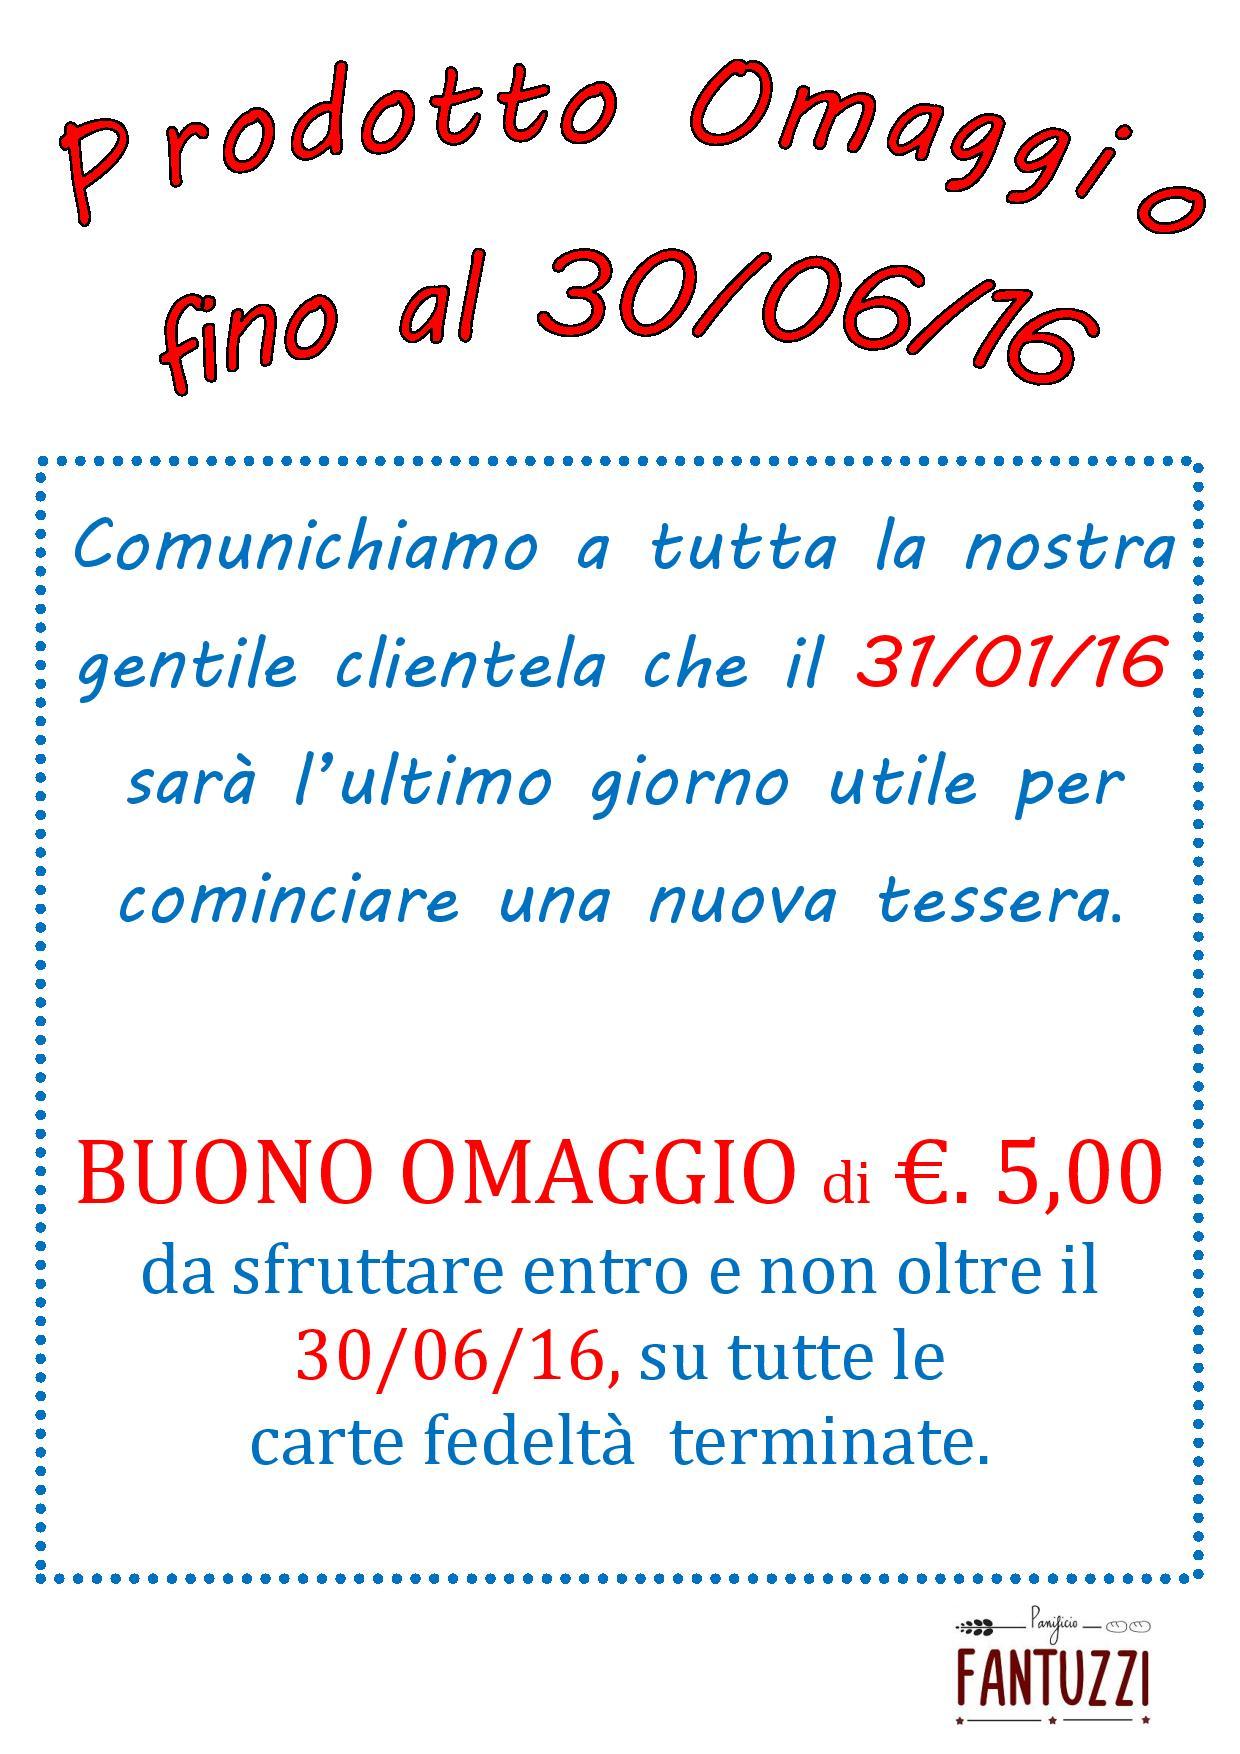 SOSPENSIONE TESSERA OMAGGIO-page-001